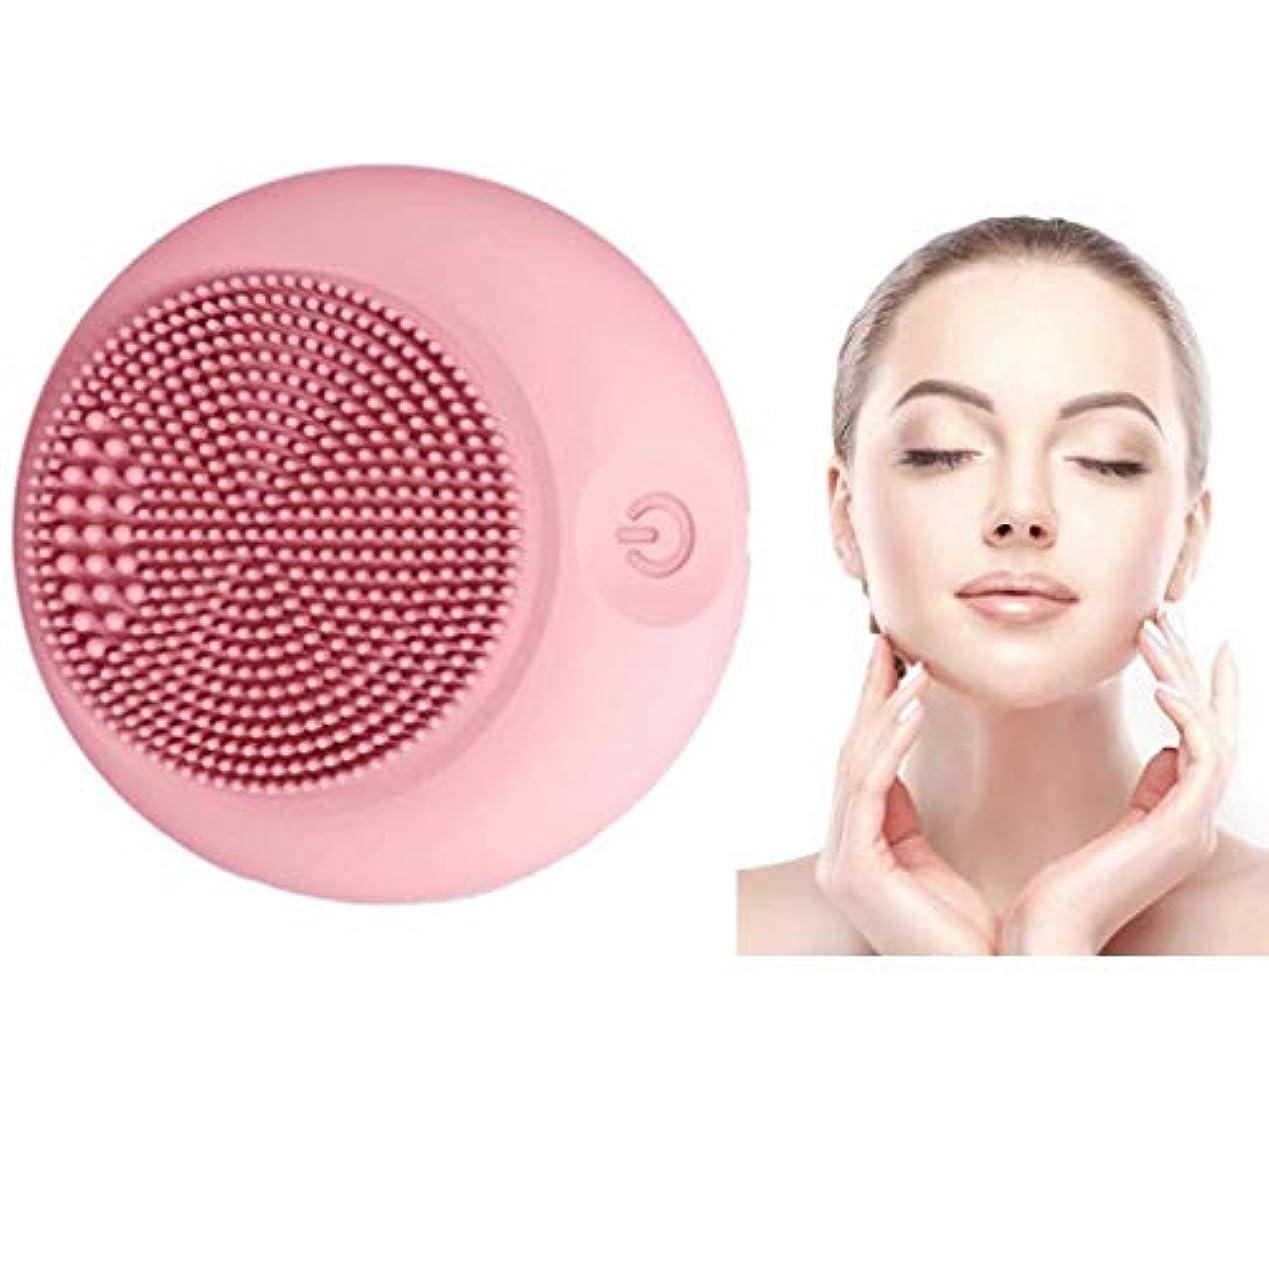 楽観束揮発性クレンジング楽器、シリコンクレンジングブラシ、電動ウォッシュブラシ、シリコンフェイシャルマッサージ、ポータブル超音波振動、肌を清潔に保ち、防水、すべての肌タイプに適して (Color : Pink)